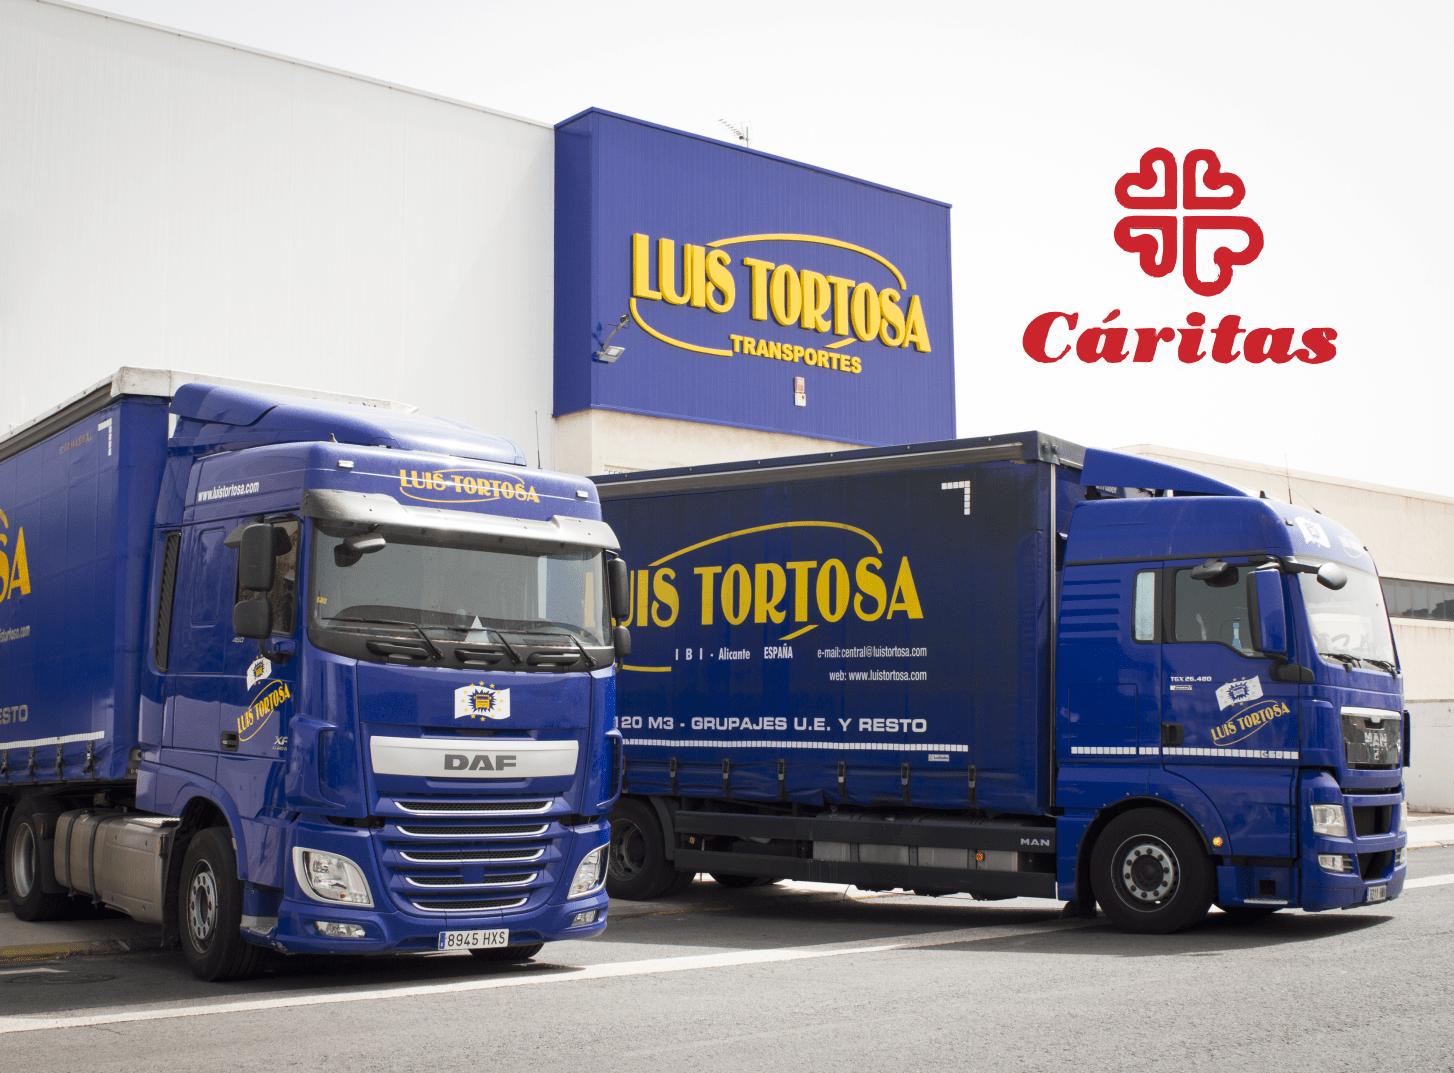 En este momento estás viendo Transportes Luis Tortosa dona carne y pañales a Cáritas de Ibi